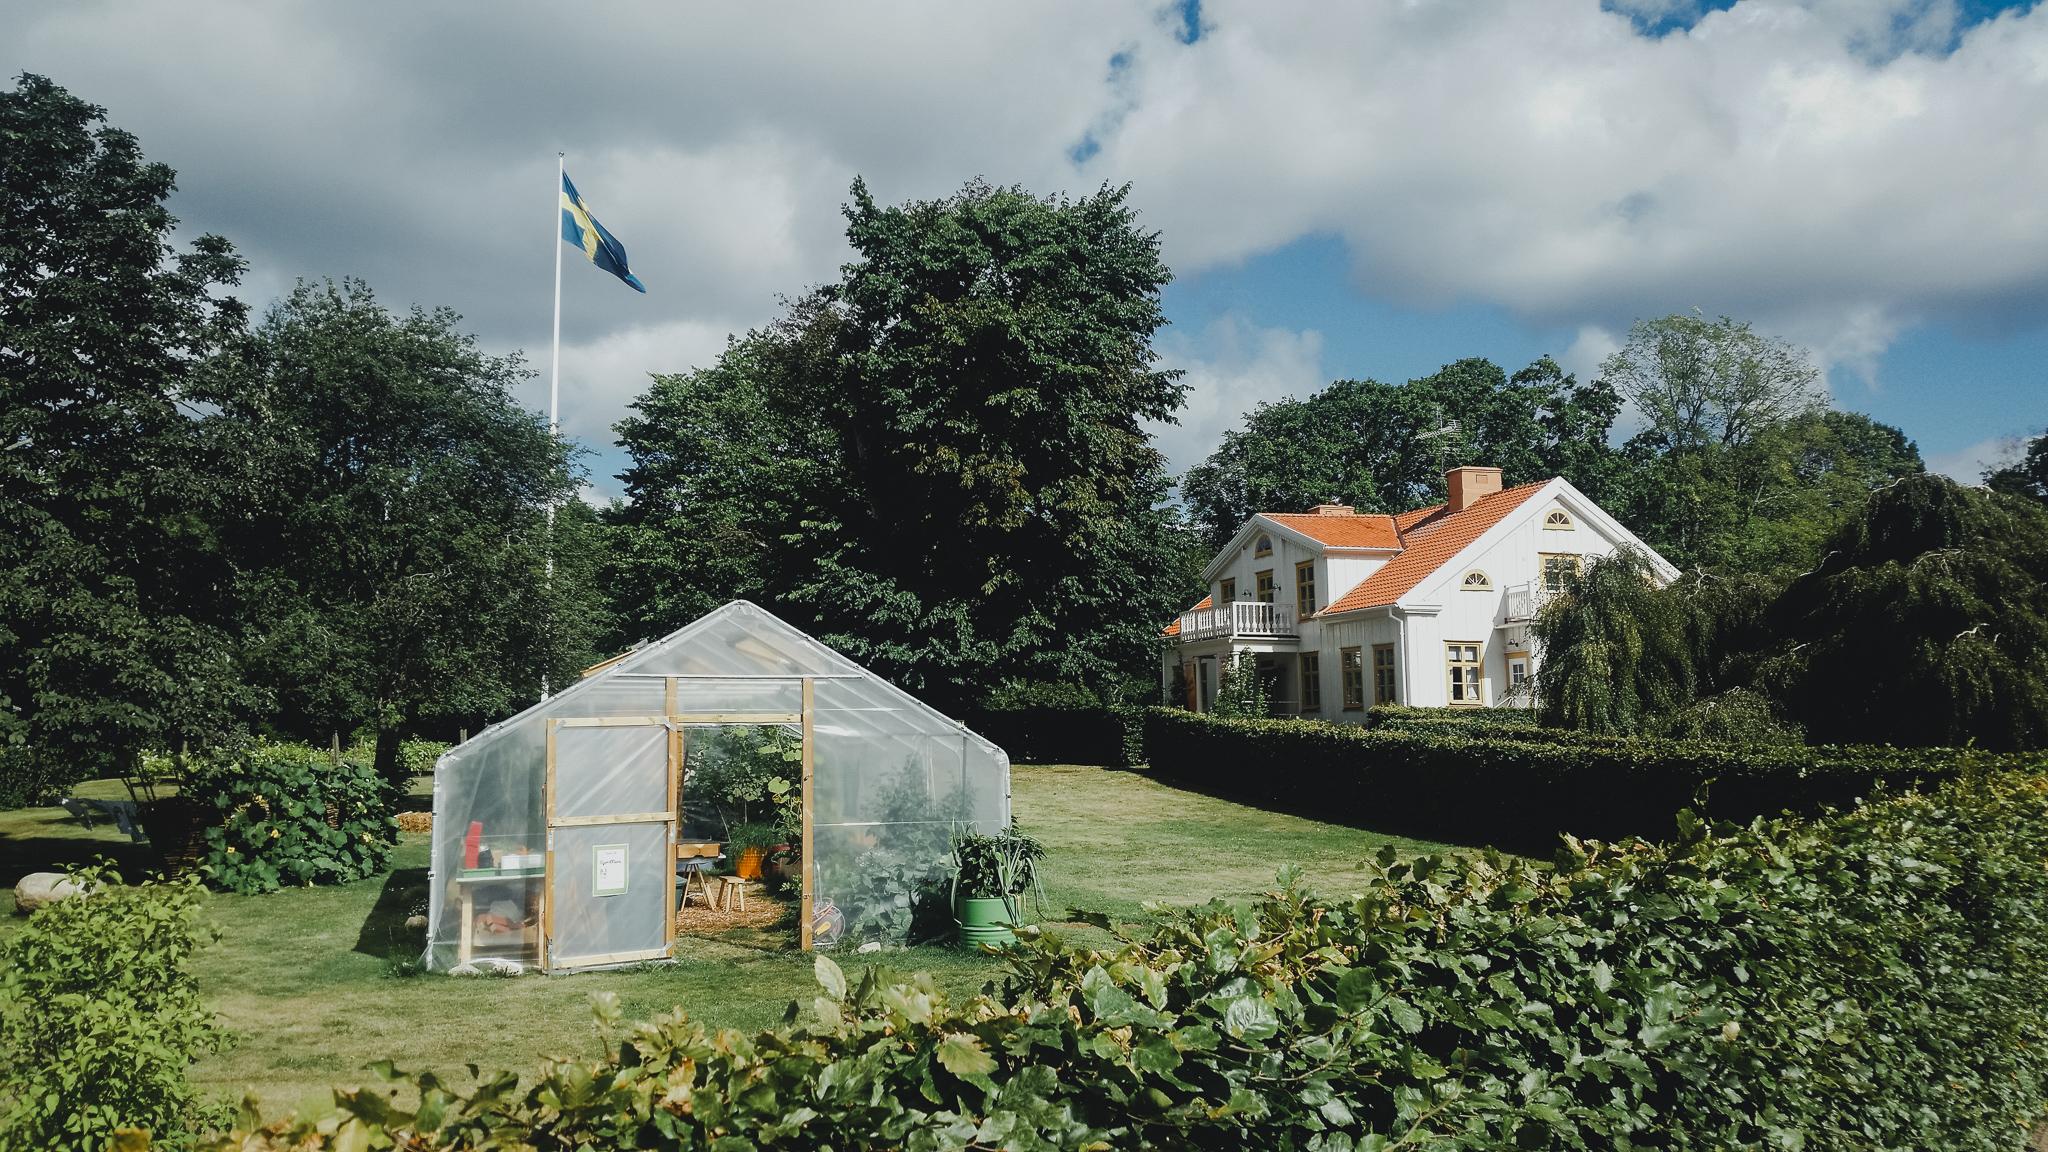 Astrid Lindgren House